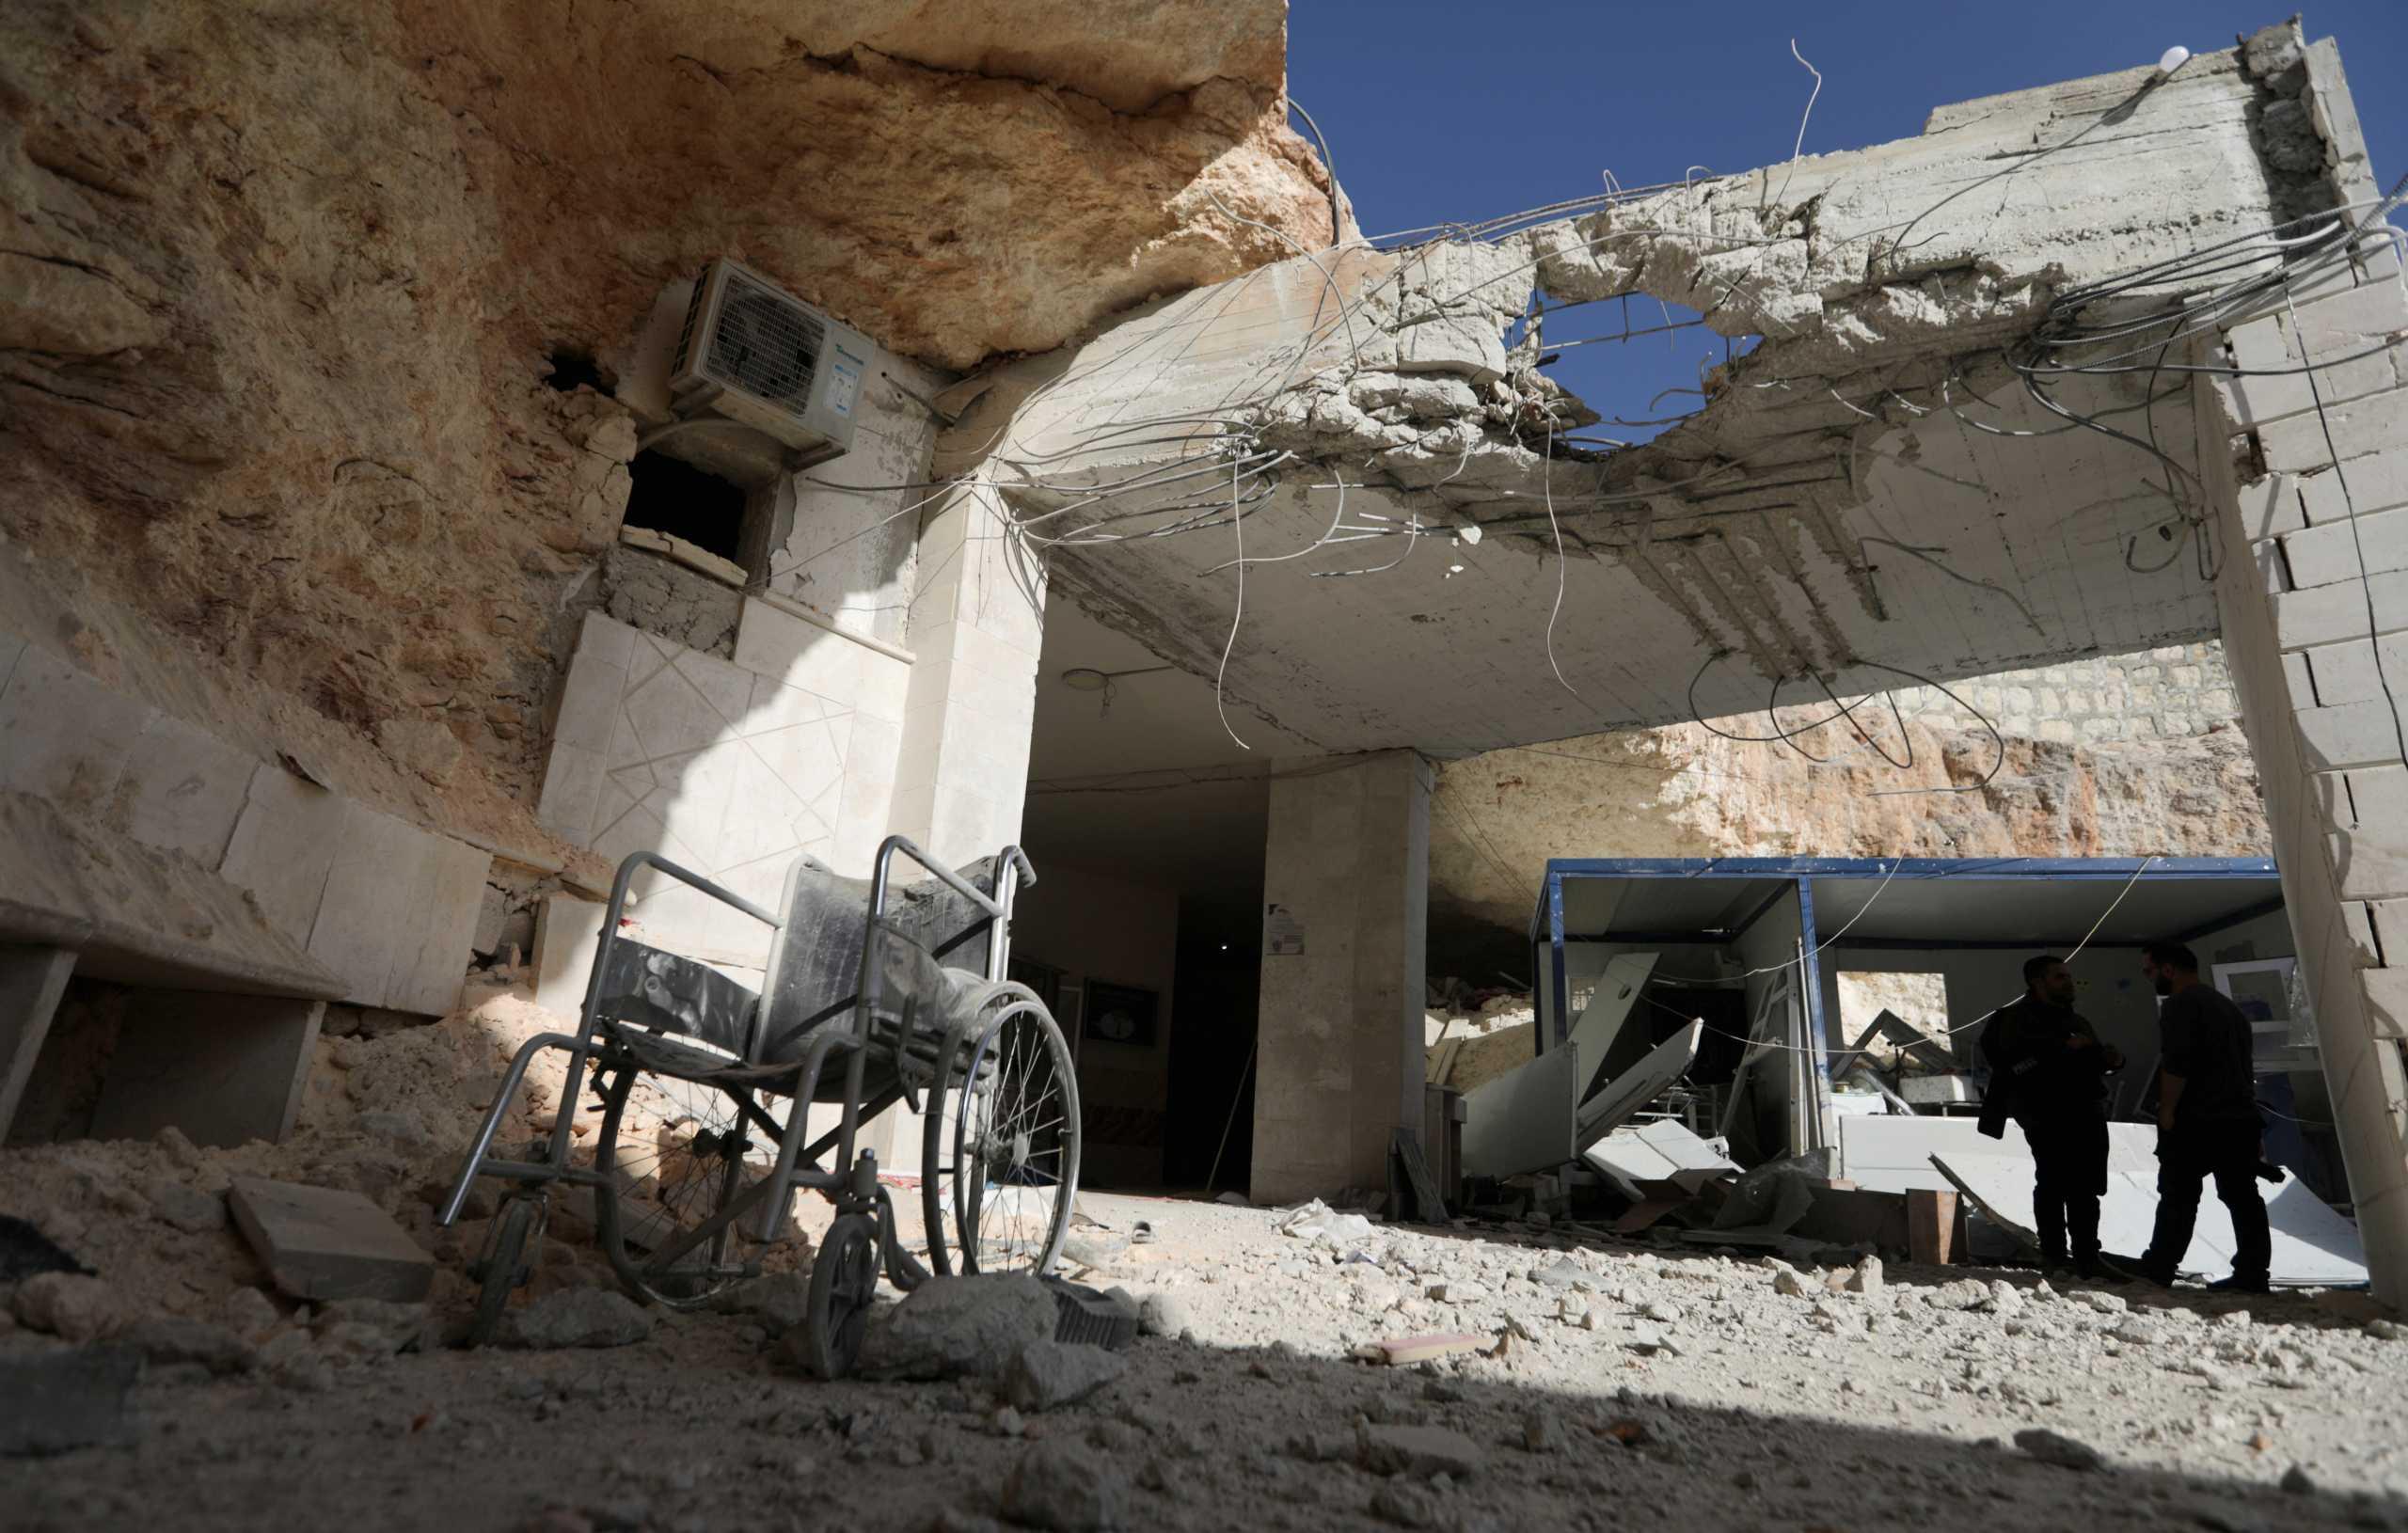 Ρωσικά μαχητικά βομβάρδισαν στόχους στη βορειοδυτική Συρία